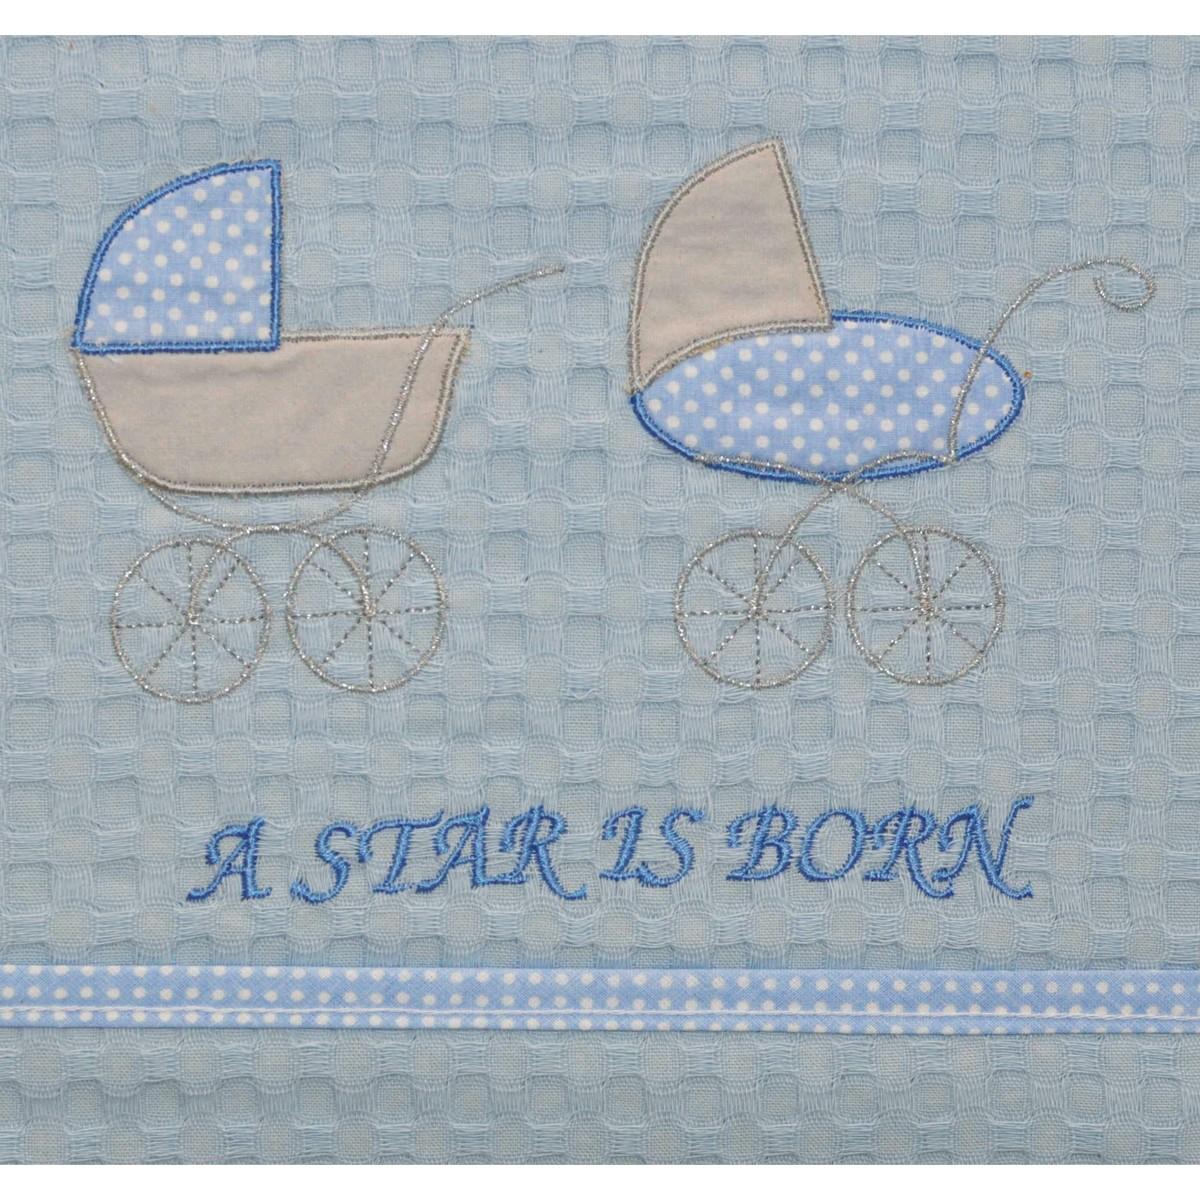 Κουβέρτα Πικέ Αγκαλιάς Morven Stroller Blue home   βρεφικά   κουβέρτες βρεφικές   κουβέρτες καλοκαιρινές